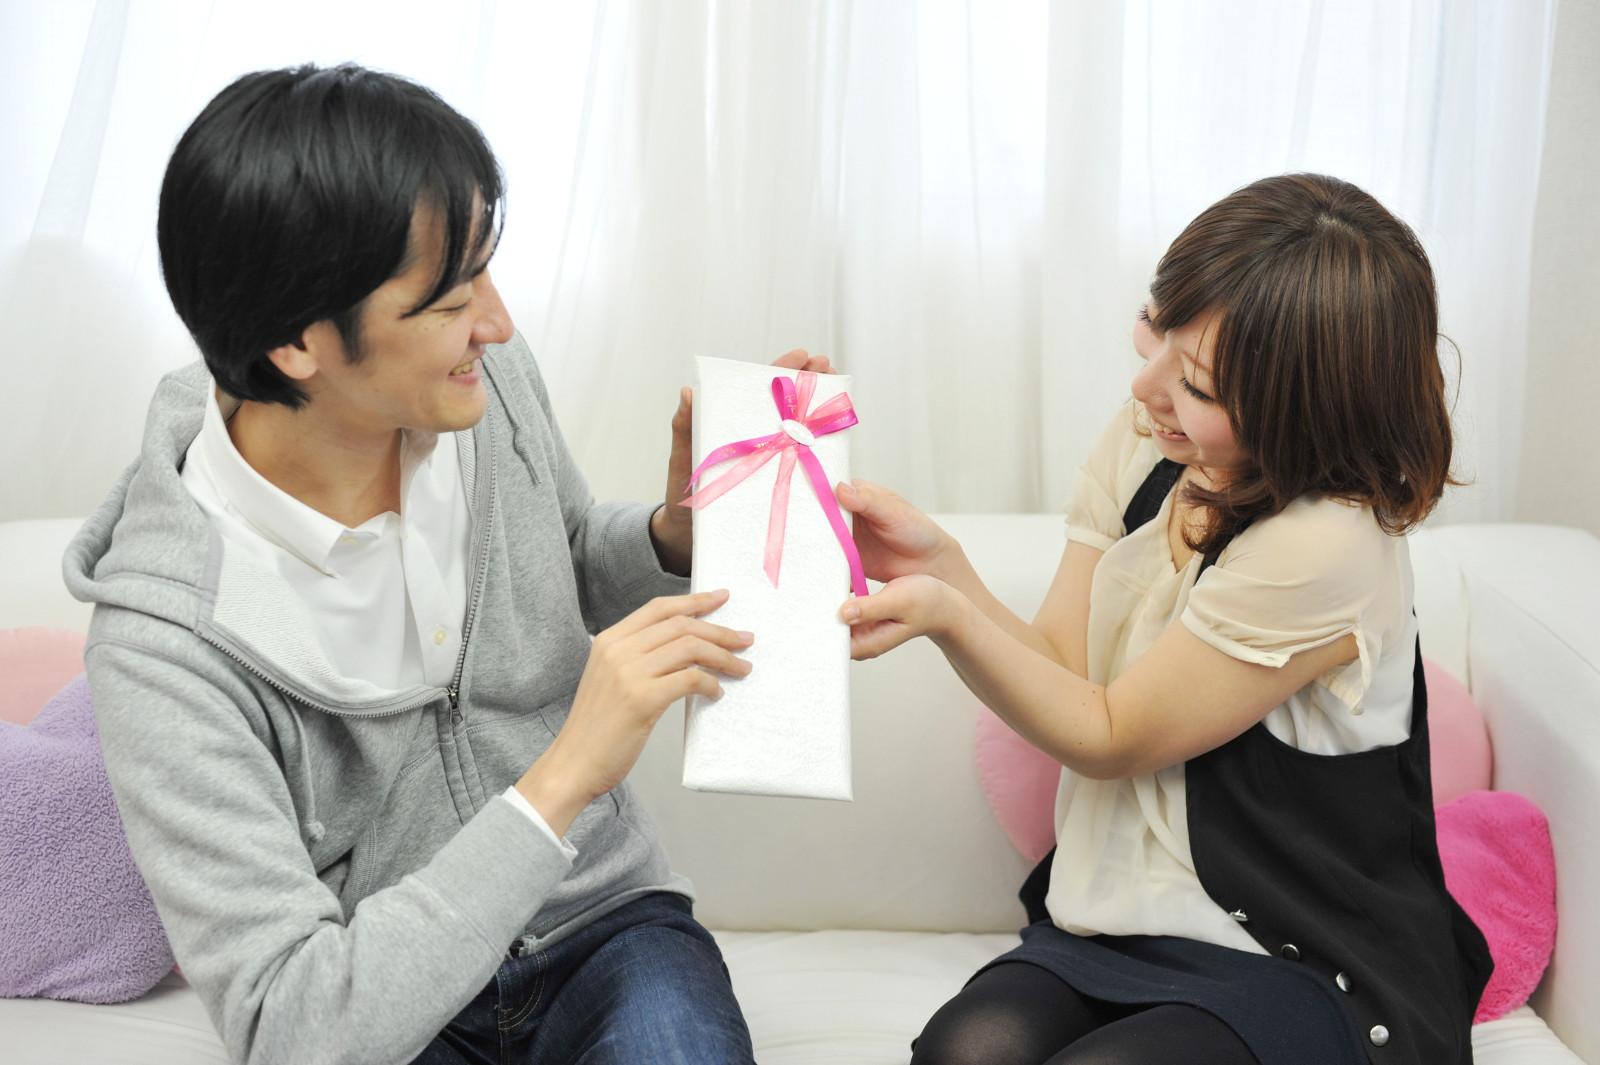 【四国・九州限定】オンライン婚活<20代30代男女> Zoomで素敵な出会い!